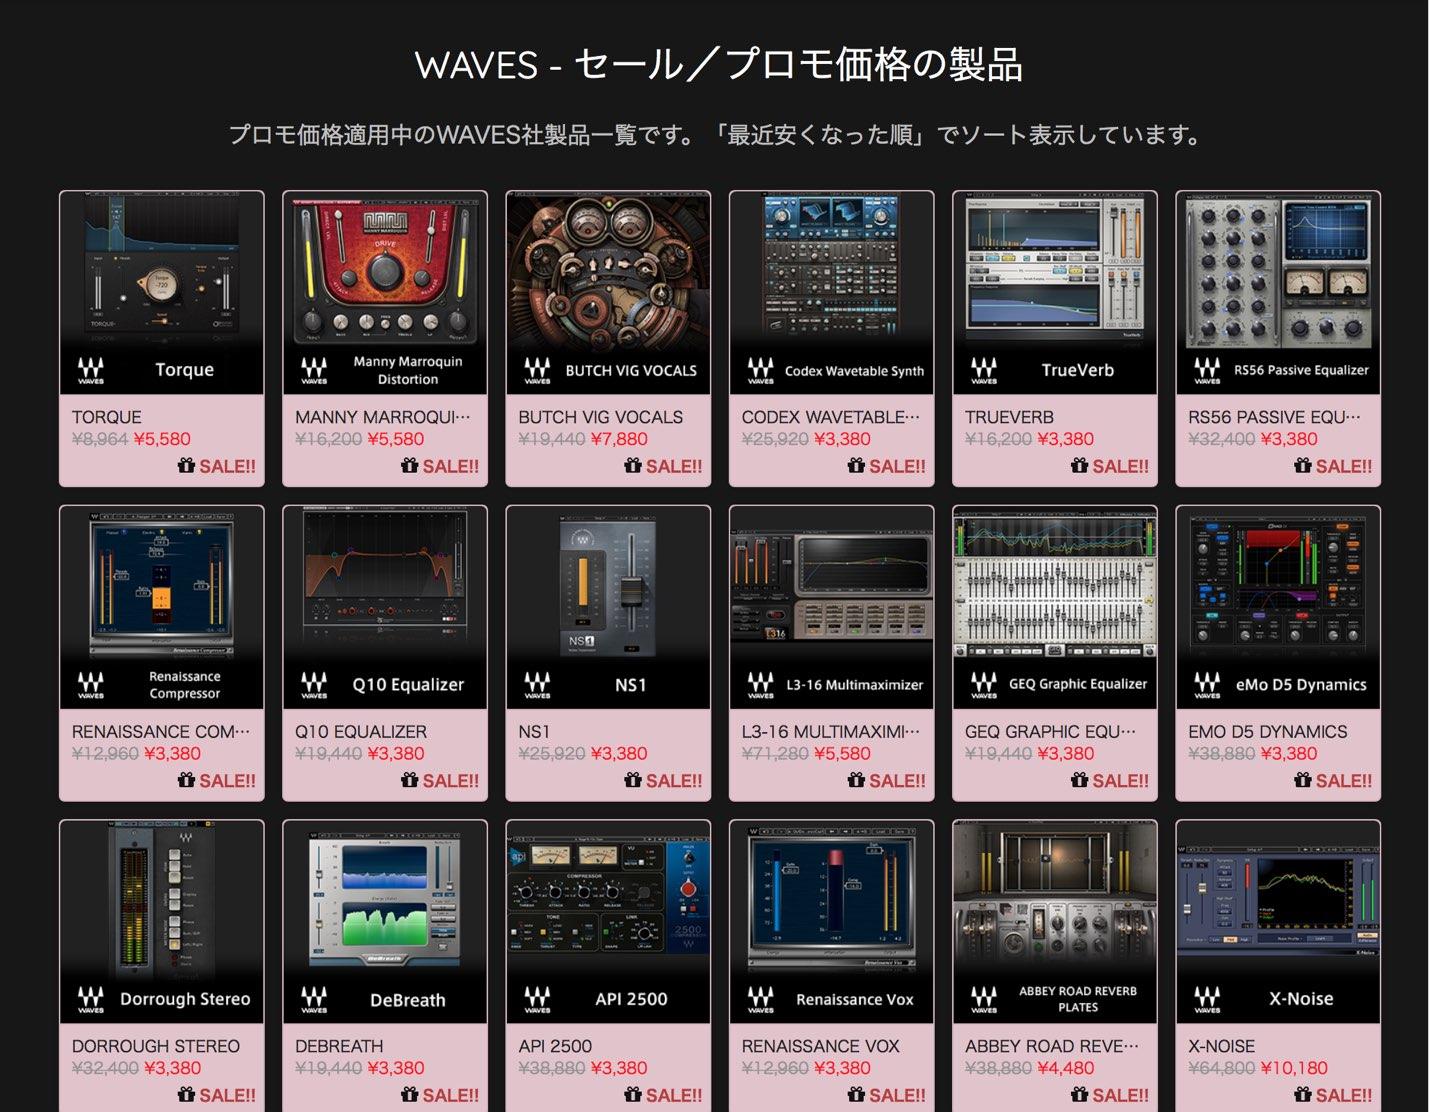 サウンド素材・効果音・BGMのダウンロード販売 | SONICWIRE